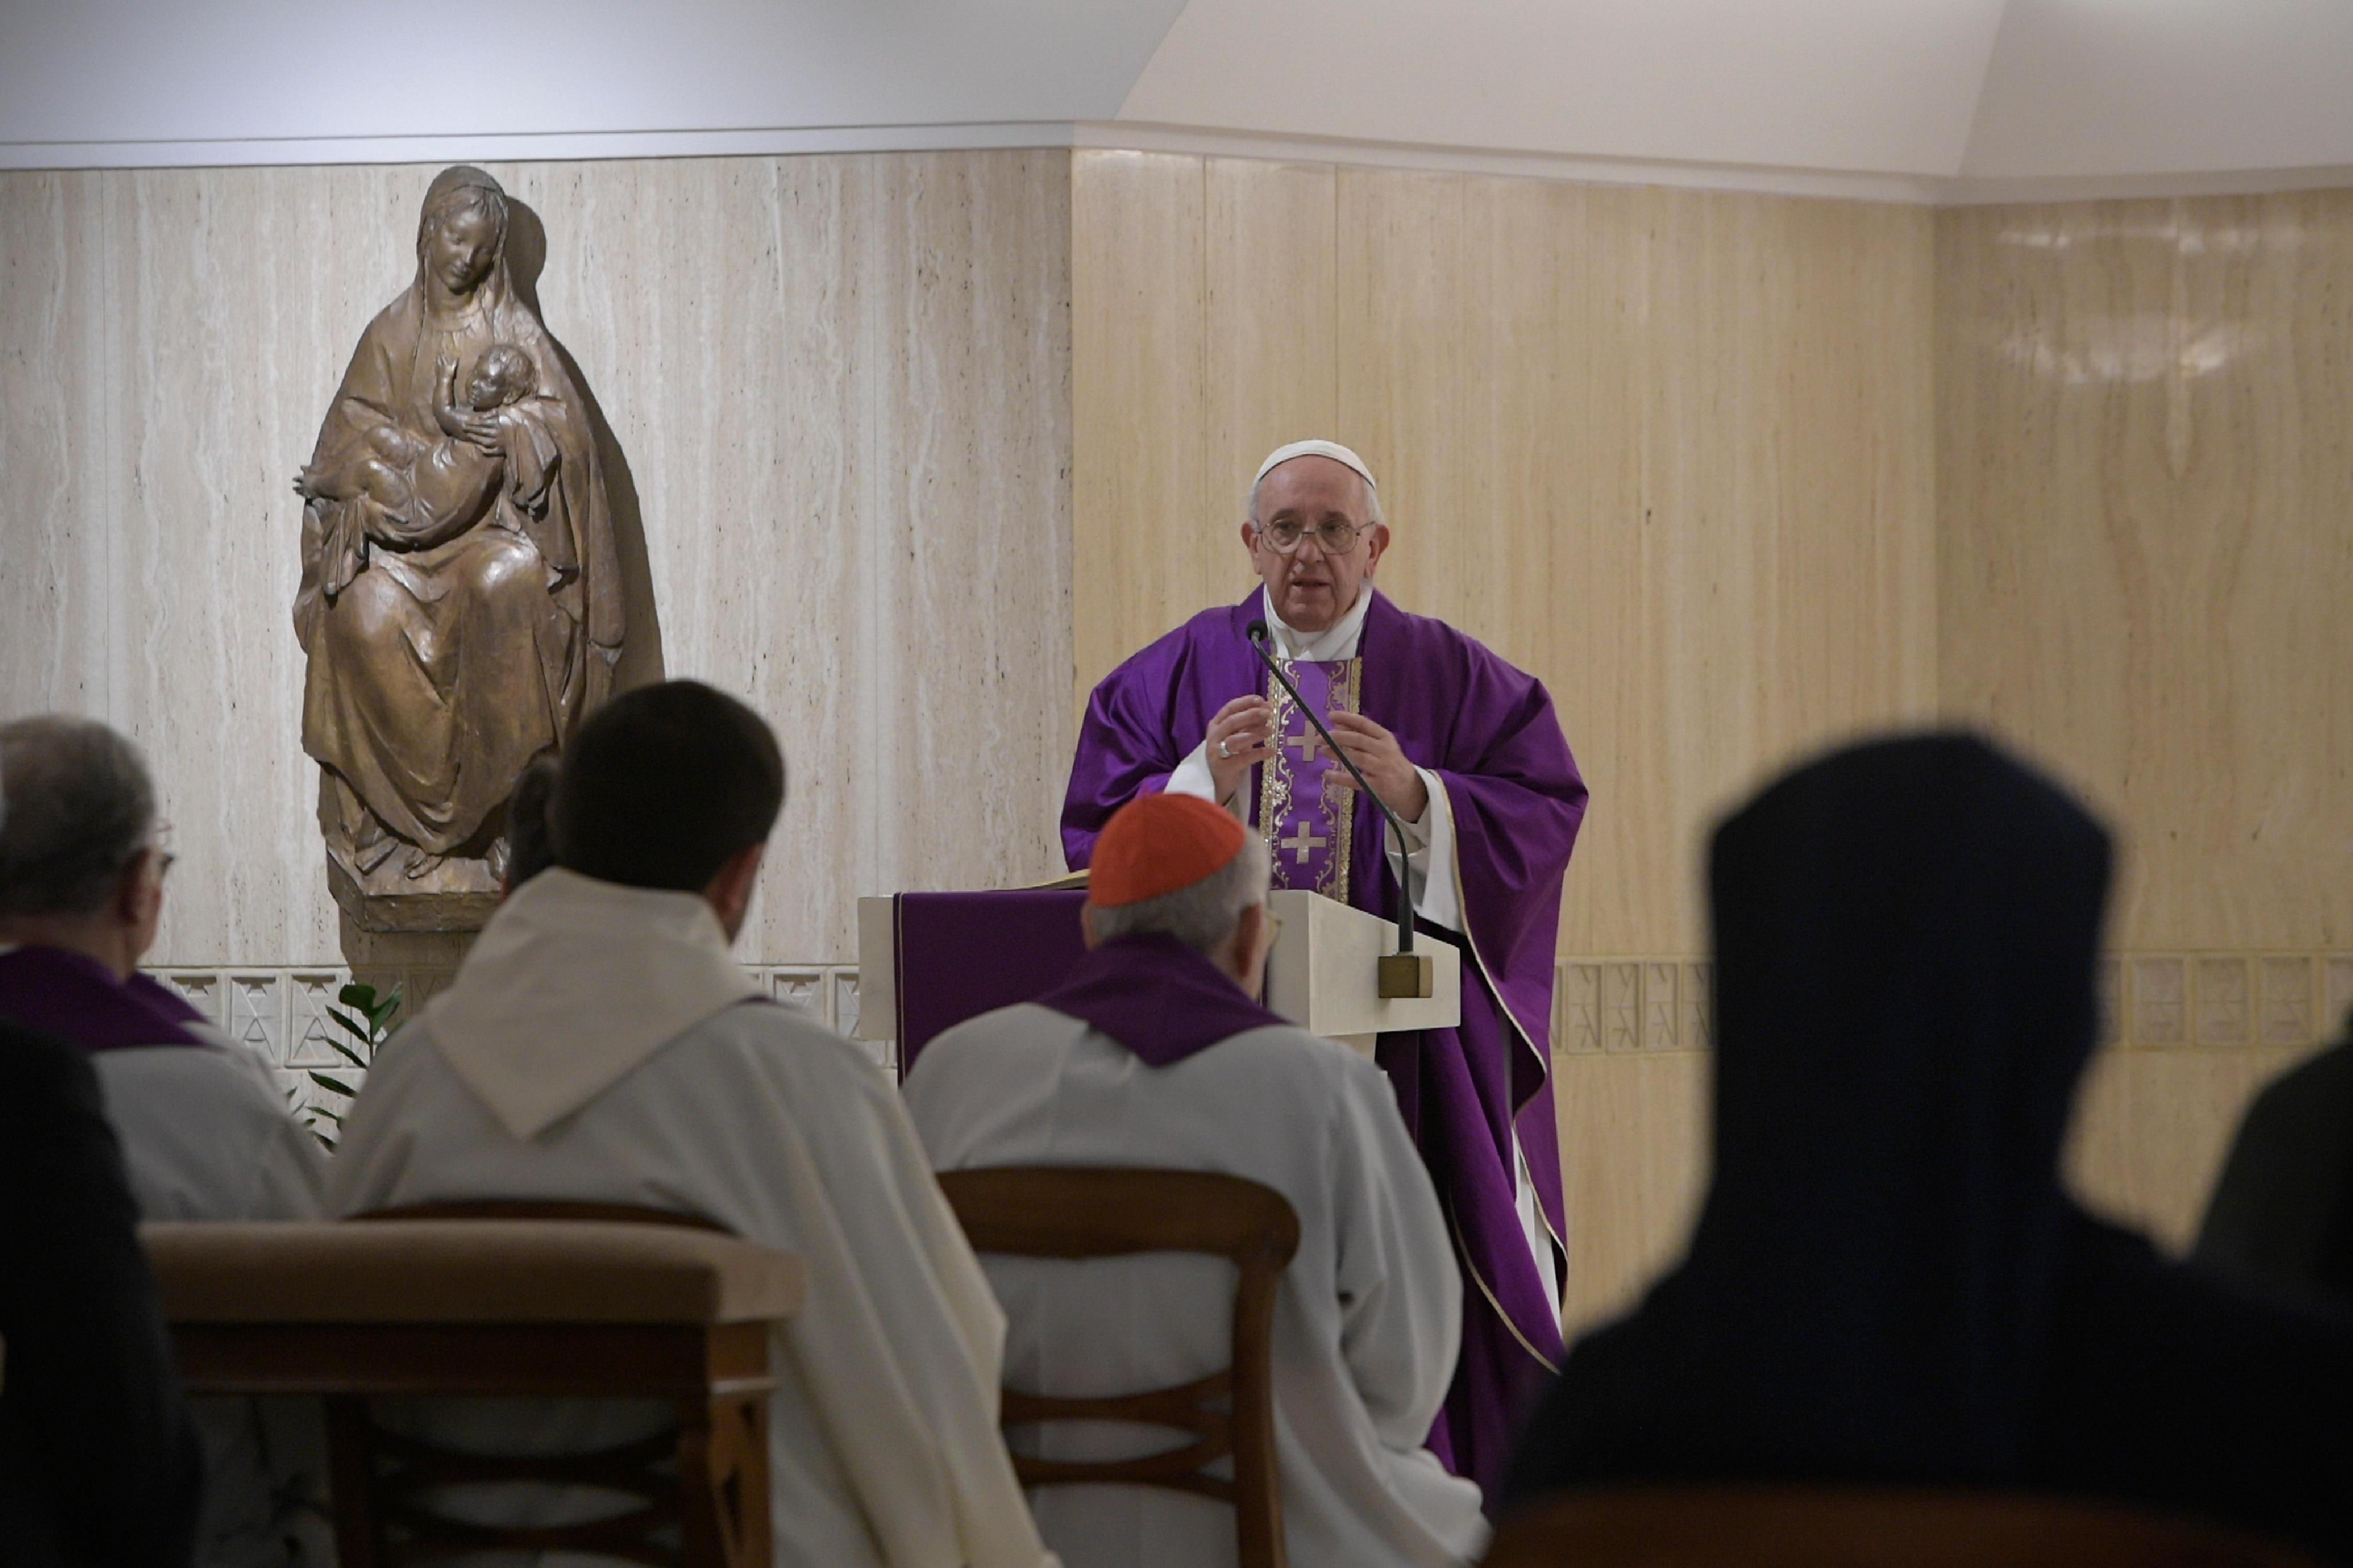 Eucaristía en Santa Marta, 7 marzo 2019 © Vatican Media